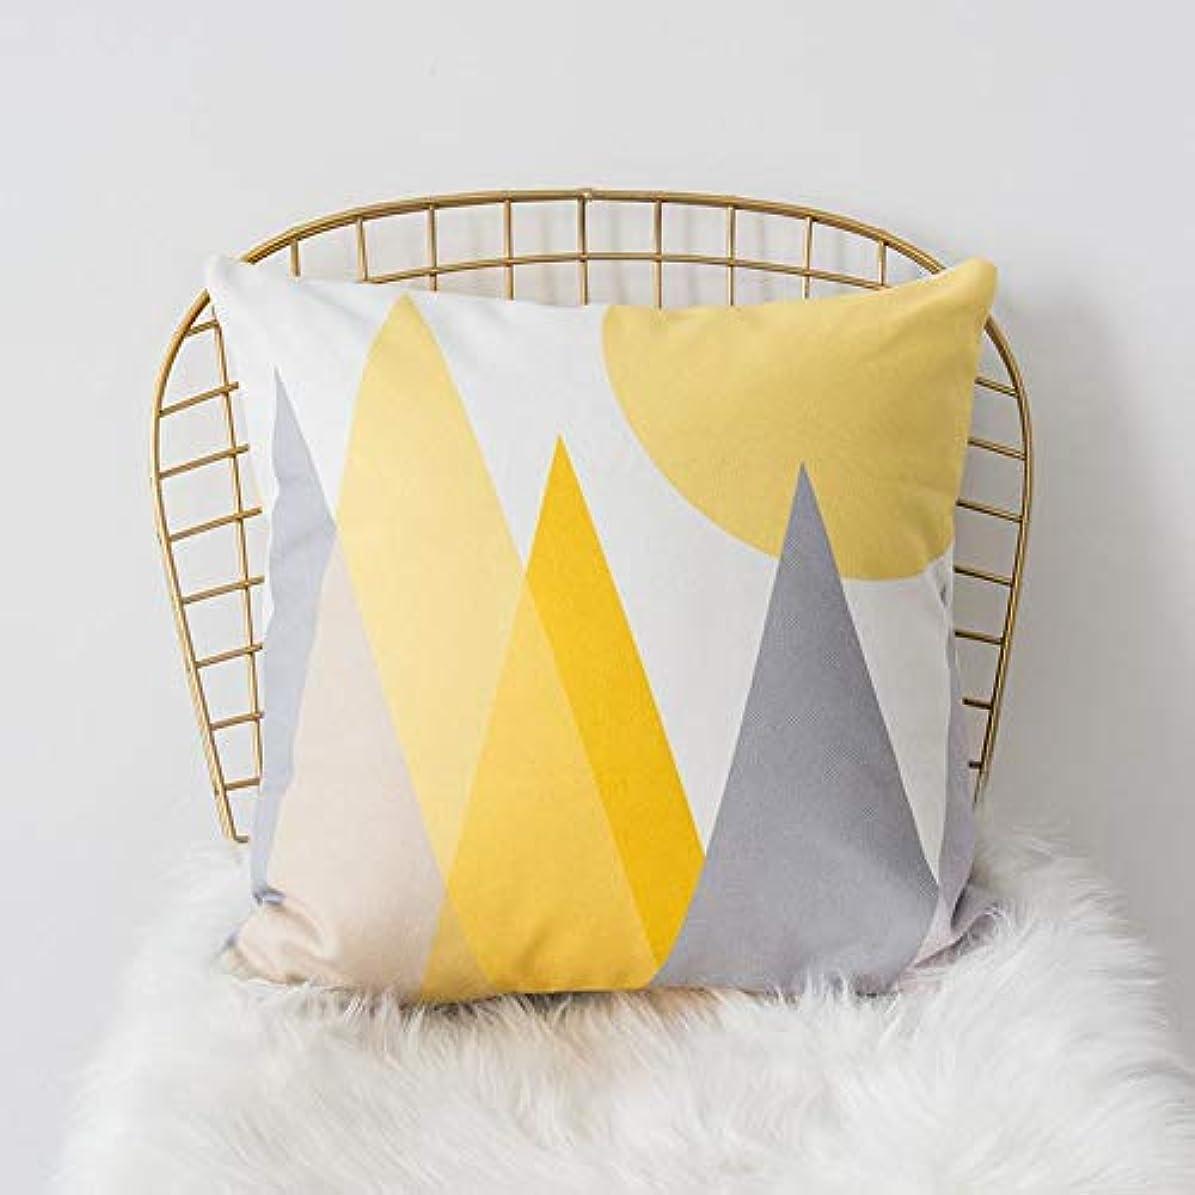 雄弁な甘美なうそつきLIFE 黄色グレー枕北欧スタイル黄色ヘラジカ幾何枕リビングルームのインテリアソファクッション Cojines 装飾良質 クッション 椅子